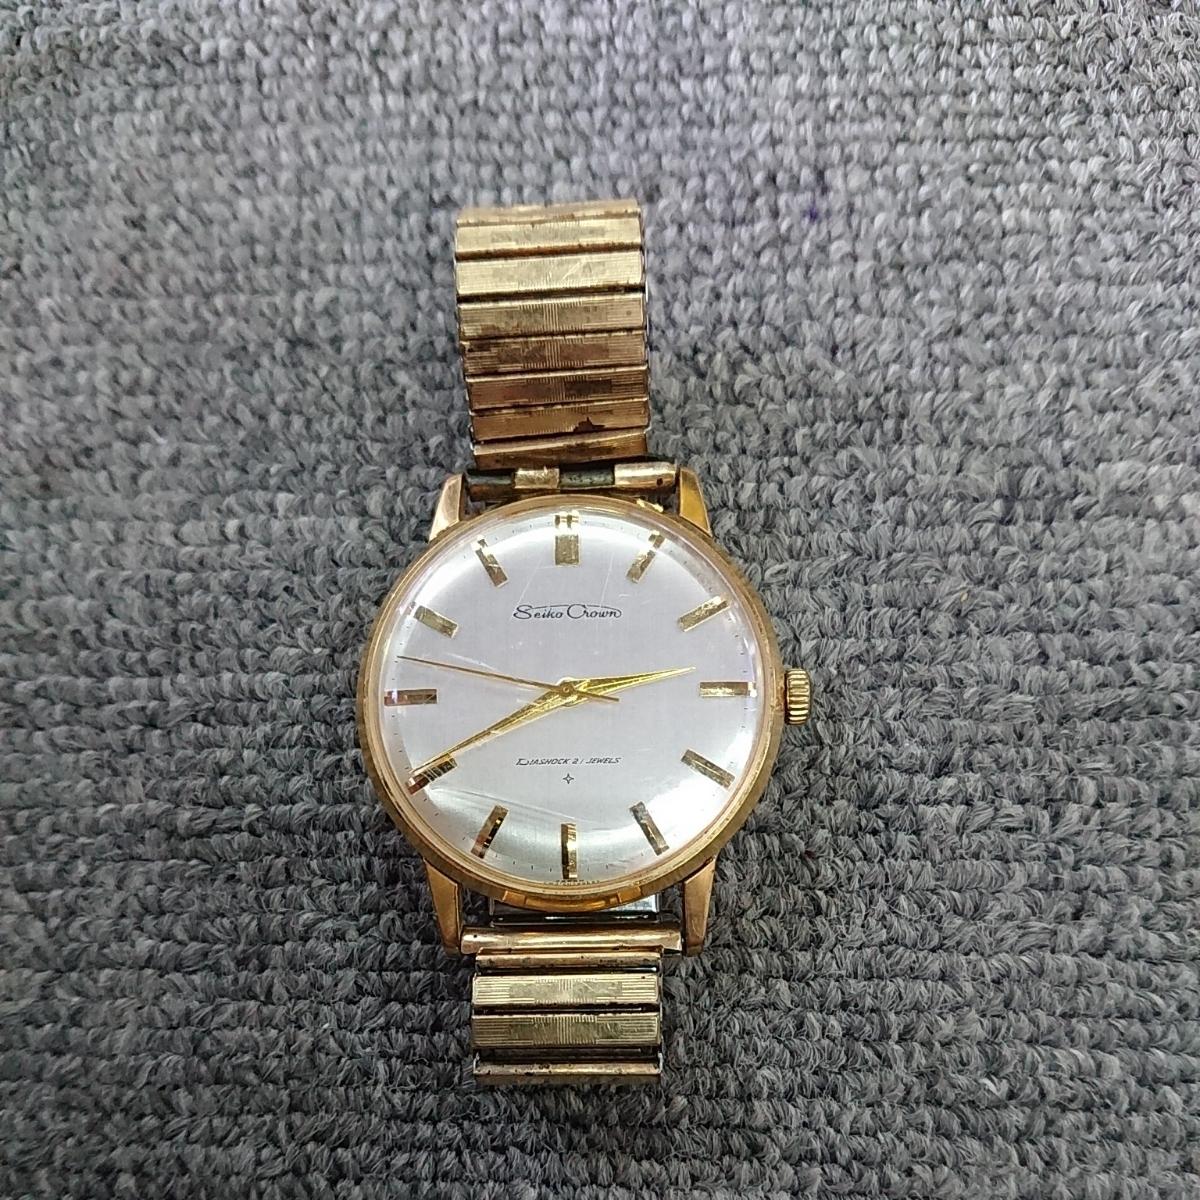 a836c586ac78 SEIKO セイコー クラウン アンティーク 21石 J15003E 手巻き メンズ腕時計の1番目の画像